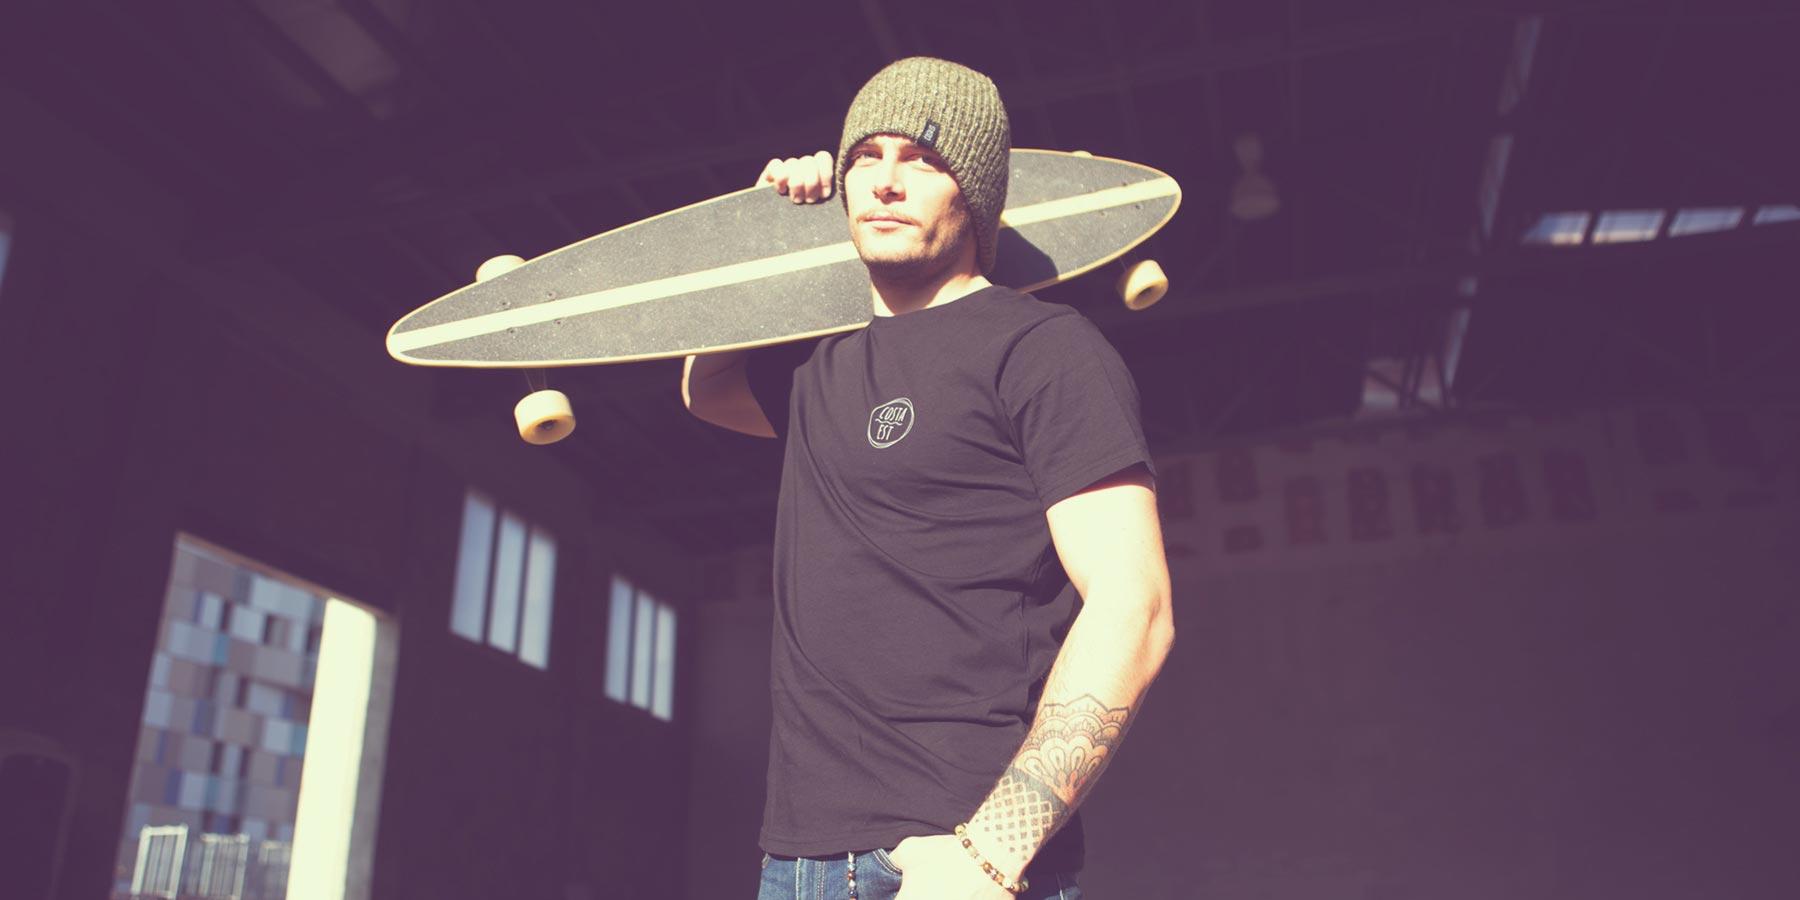 Ragazzo con tavola da skate, t-shirt nera e berretto verde Costa Est